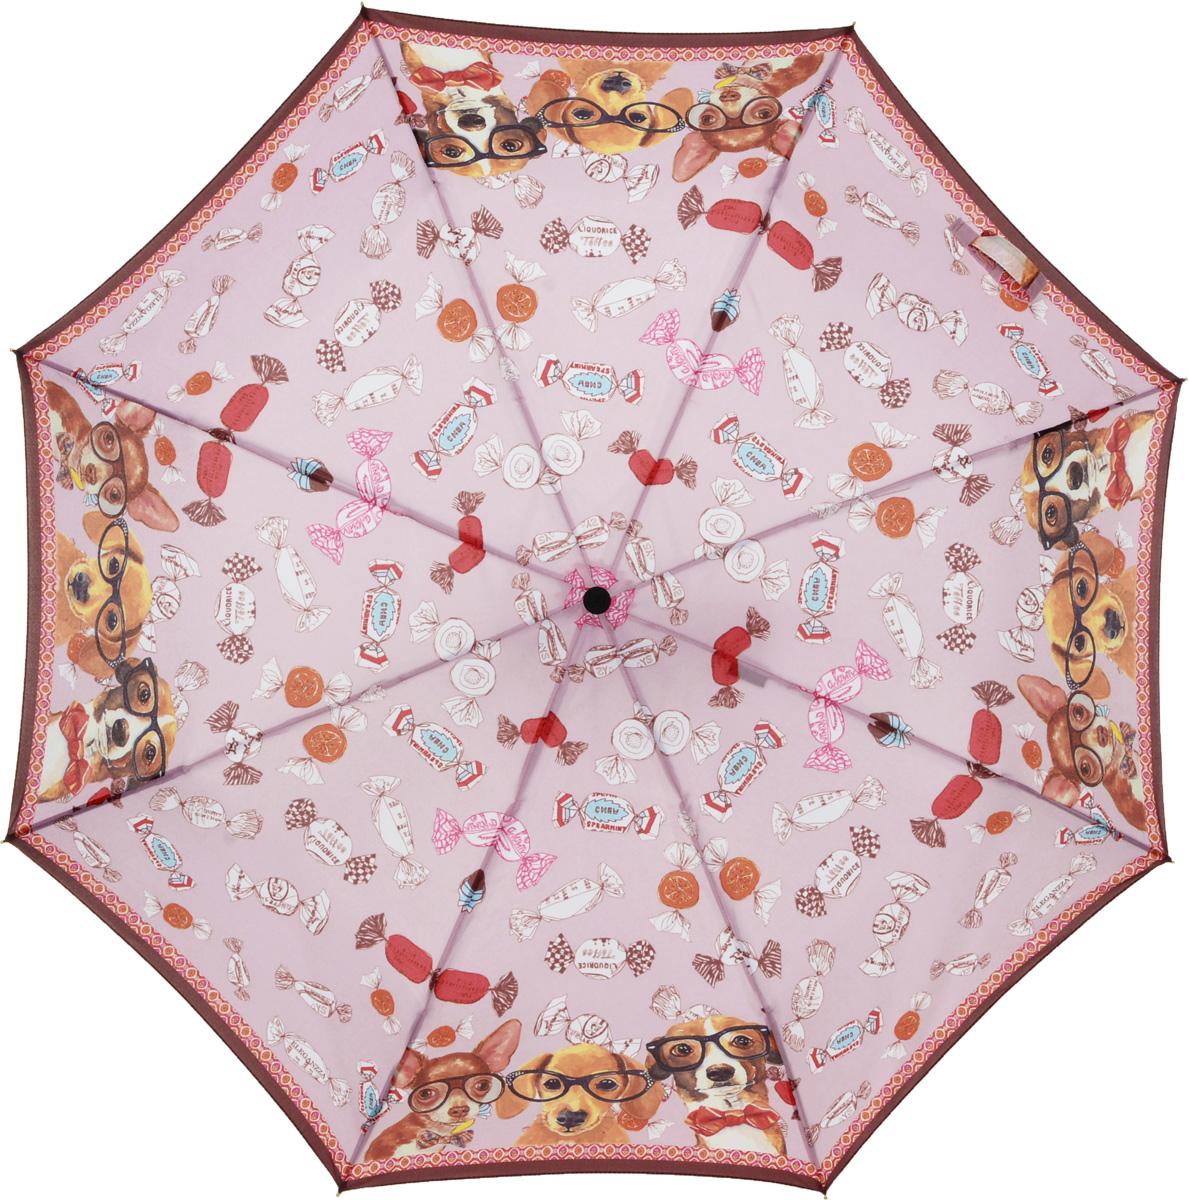 Зонт женский Eleganzza, автомат, 3 сложения, цвет: коричневый. A3-05-0298A3-05-0298Женский зонт-автомат торговой марки ELEGANZZA. Купол: 100% полиэстер, эпонж. Материал каркаса: сталь + алюминий + фибергласс. Материал ручки: пластик. Длина изделия - 27 см. Диаметр купола - 98 см.